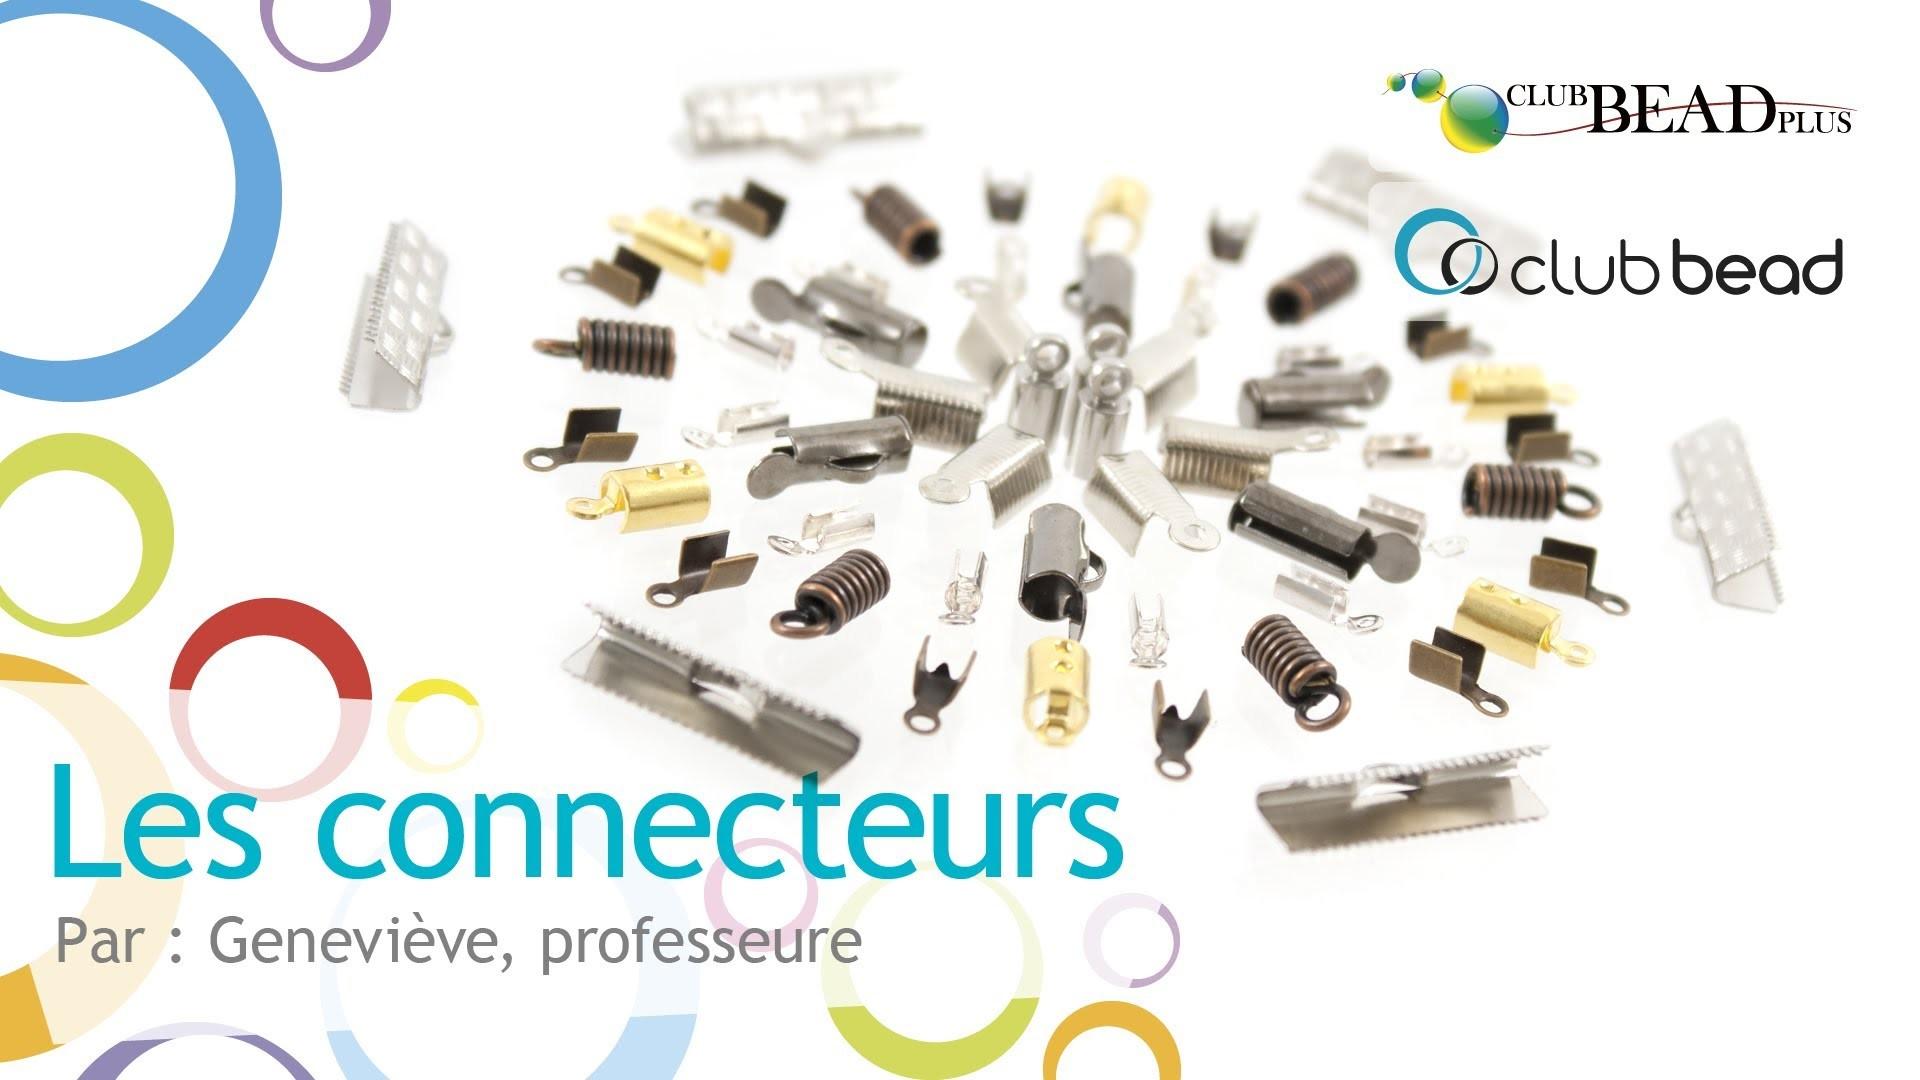 LES CONNECTEURS : accessoires pour la fabrication de bijoux